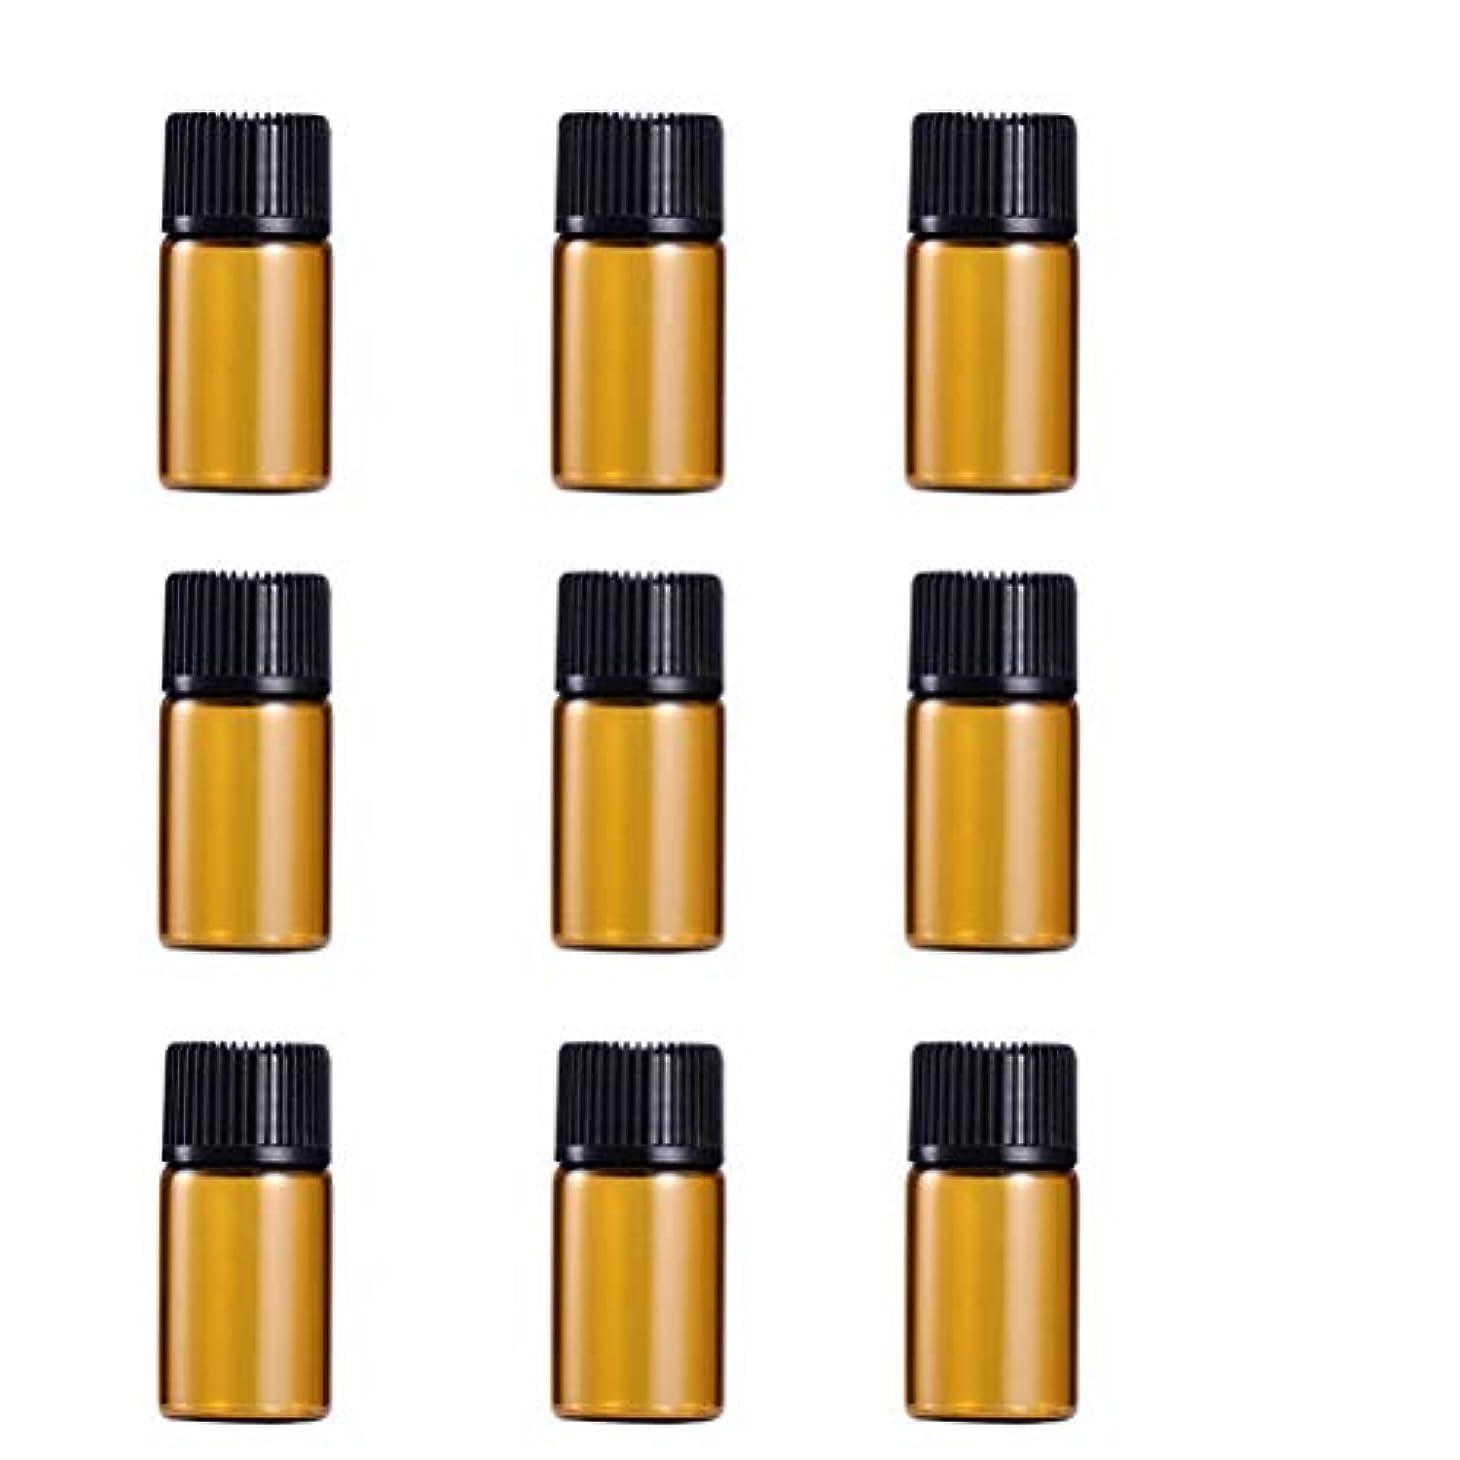 で出来ているテナント配送WINOMO 遮光瓶 アロマオイル 精油 小分け用 遮光瓶セット アロマボトル 保存容器 エッセンシャルオイル 香水 保存用 詰替え ガラス 茶色(9個入り 3ml)